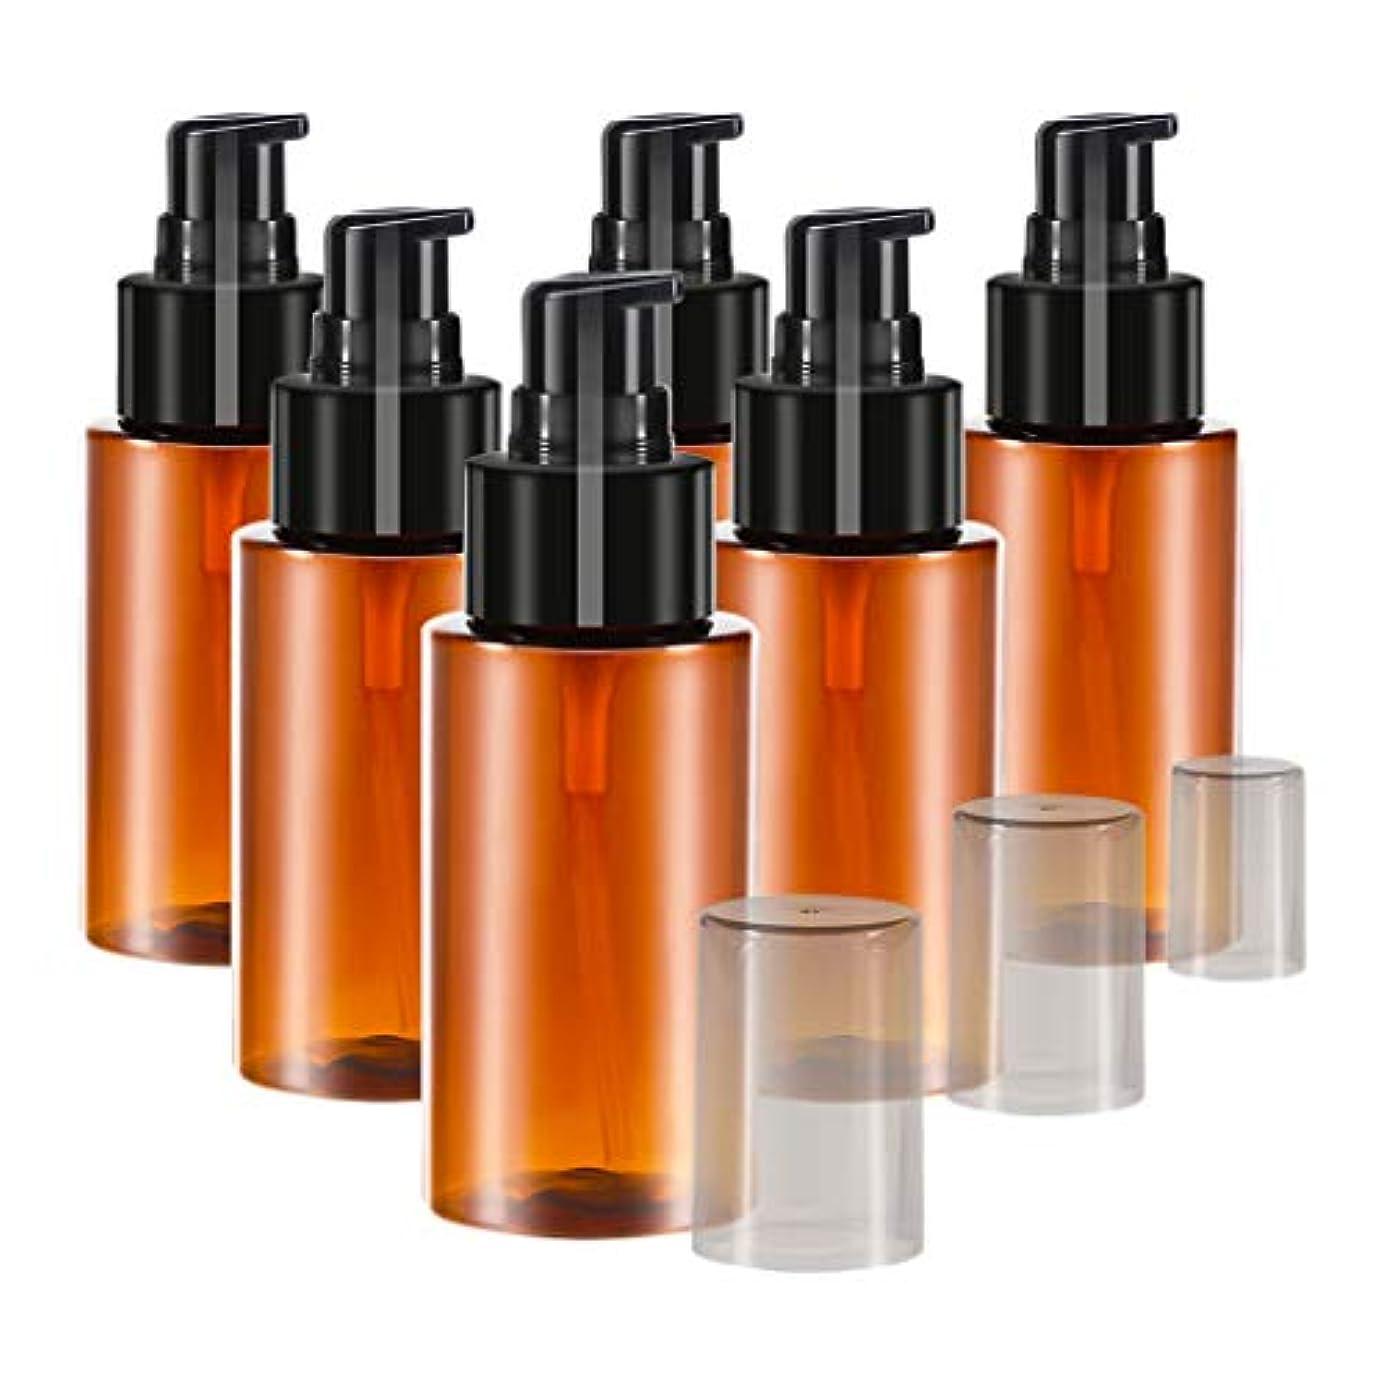 傀儡バクテリア尊敬する6個 60ml エッセンシャルオイル 化粧品ボトル スプレーボトル 詰め替え 保存容器 全2色 - 褐色